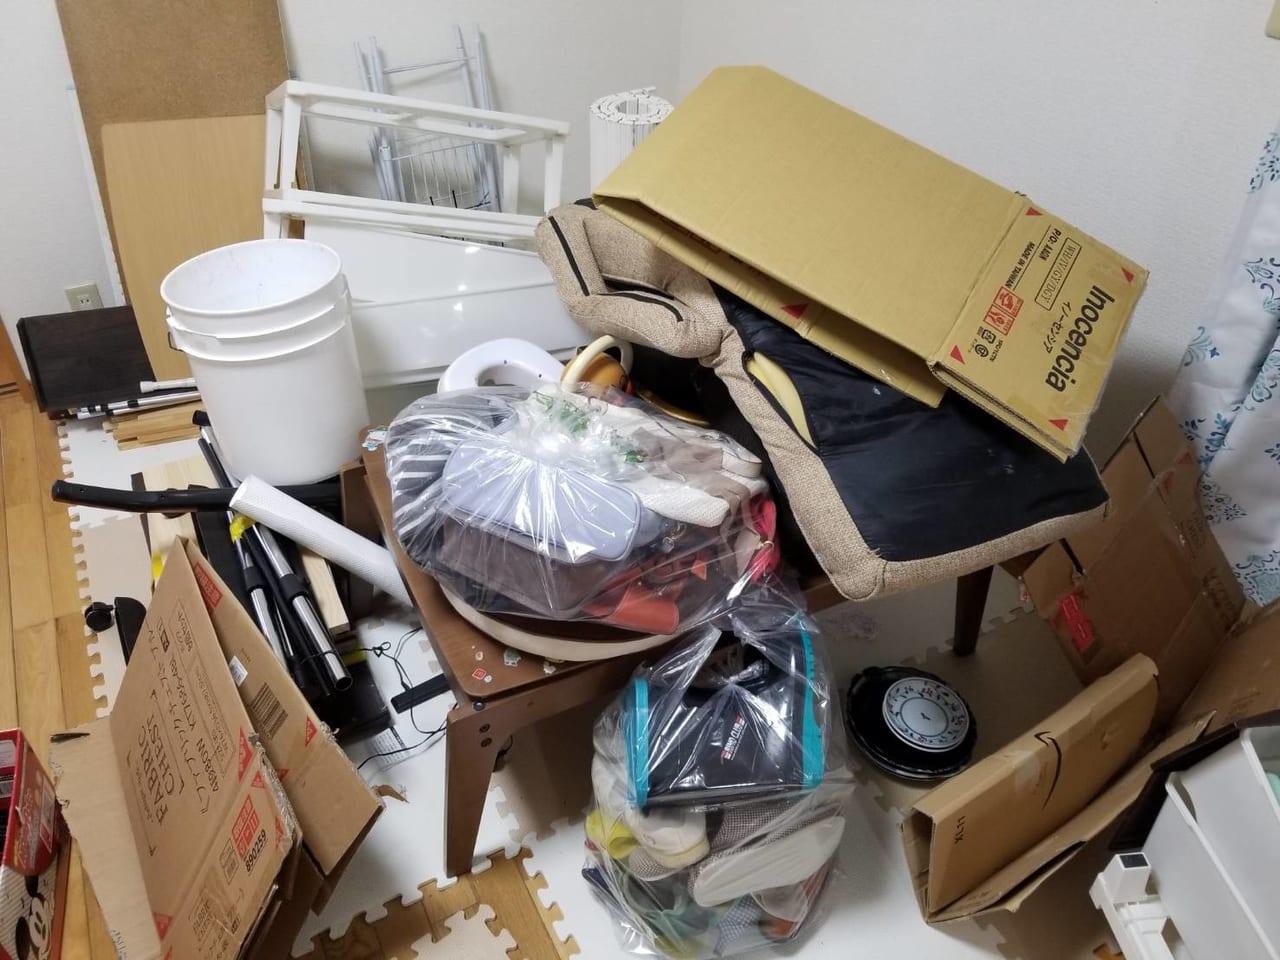 ゴミ屋敷清掃前の画像